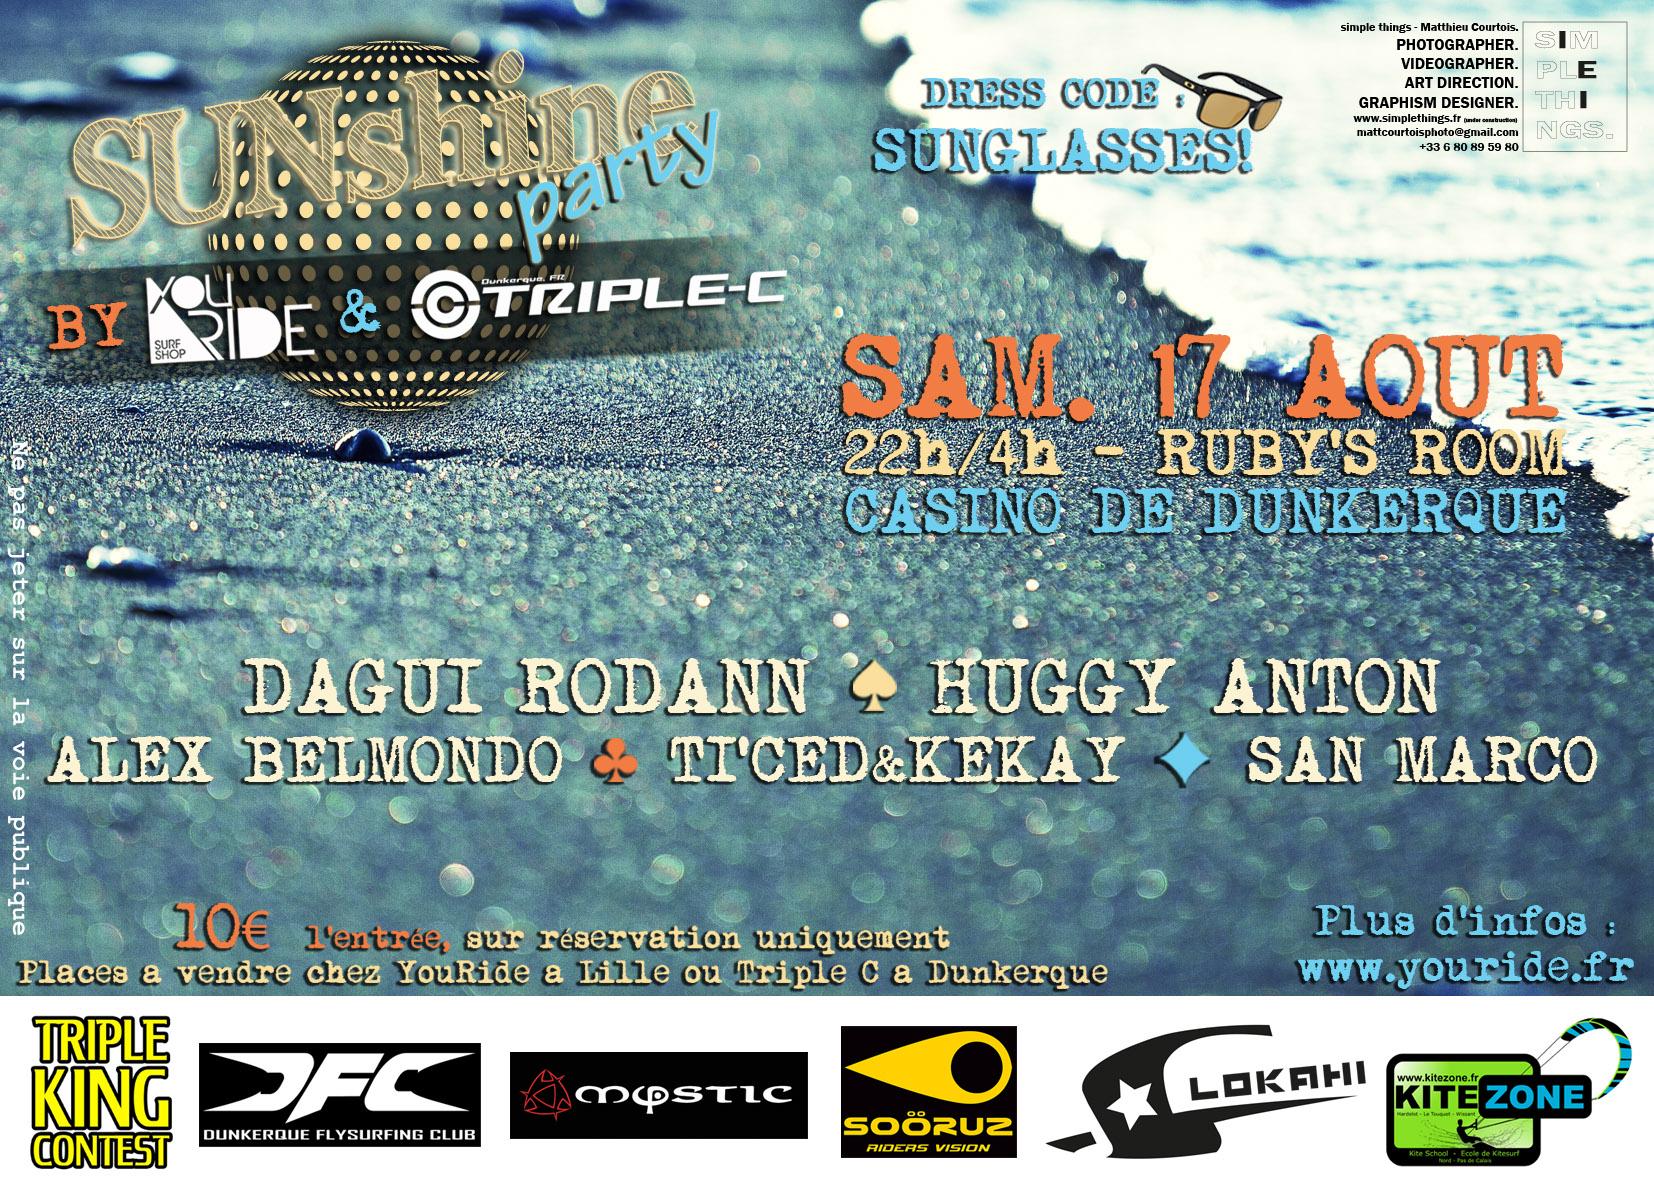 SUNshine Party : Soirée Officielle du TKC 2013